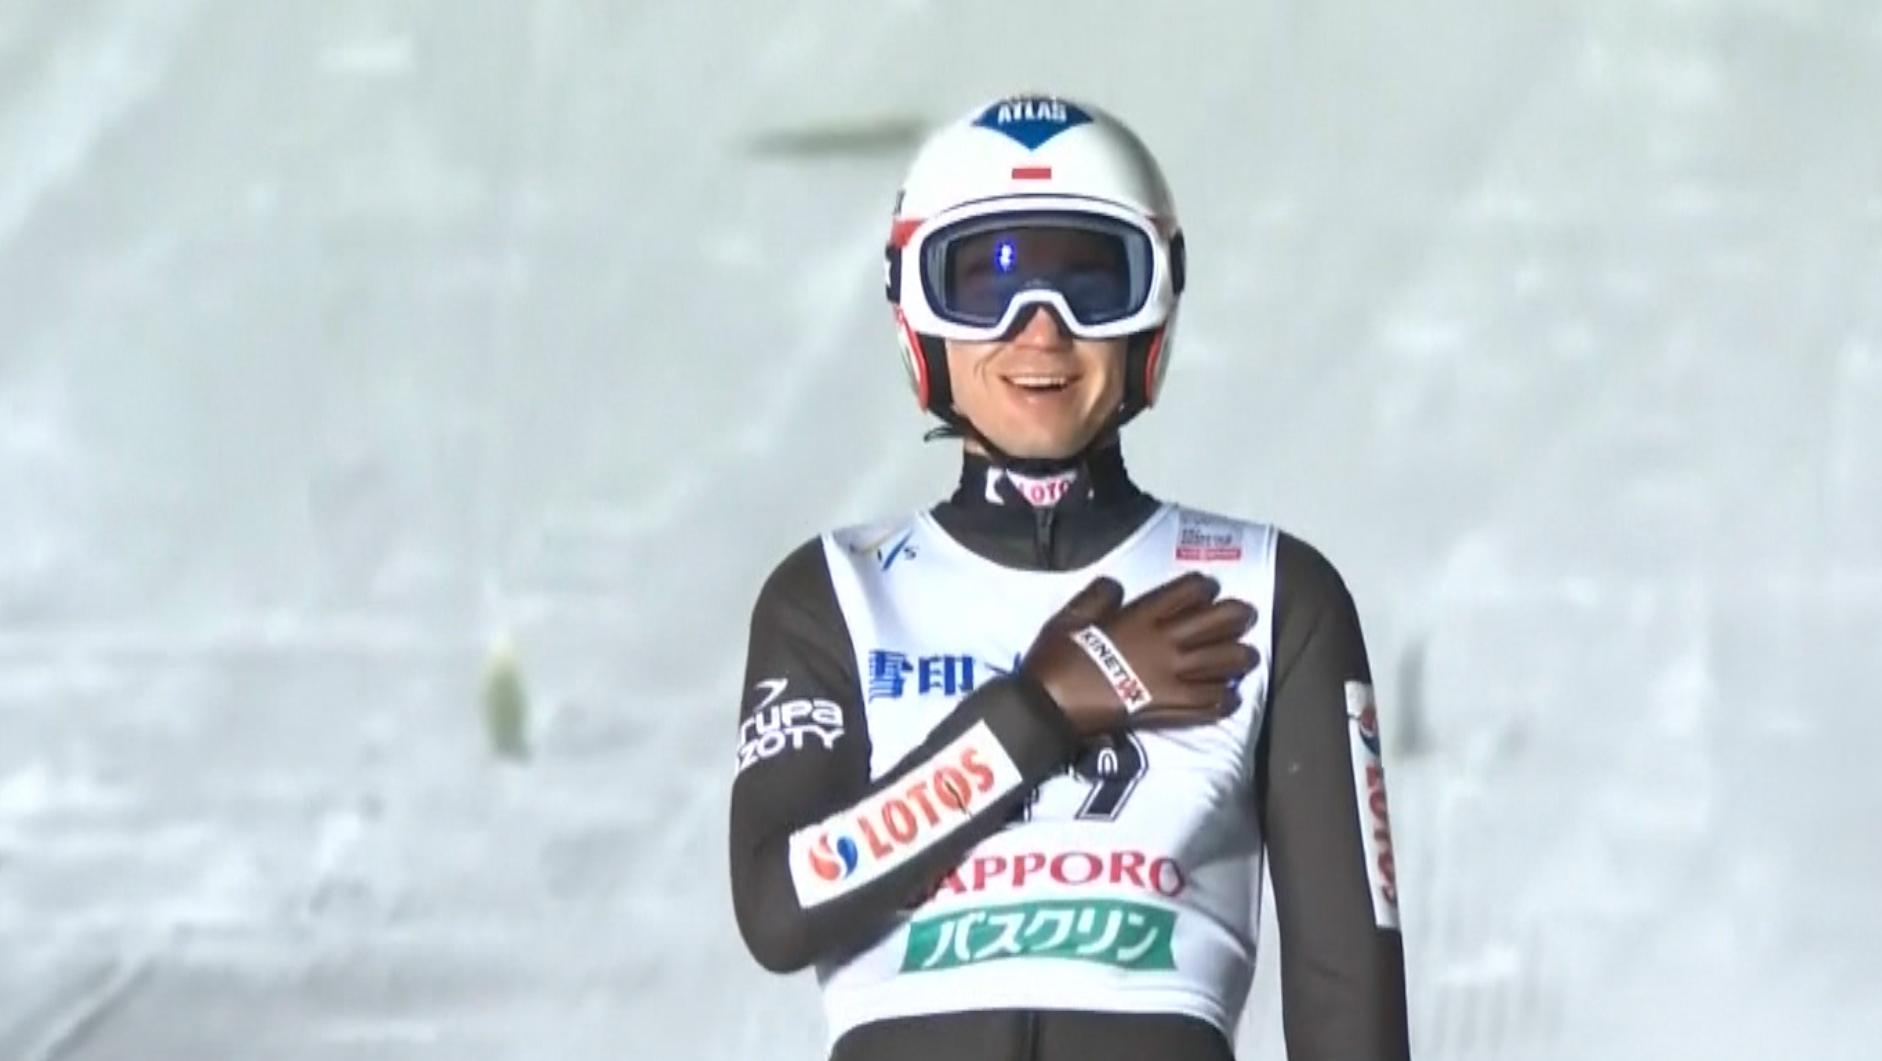 Kamil Stoch rekord w Sapporo